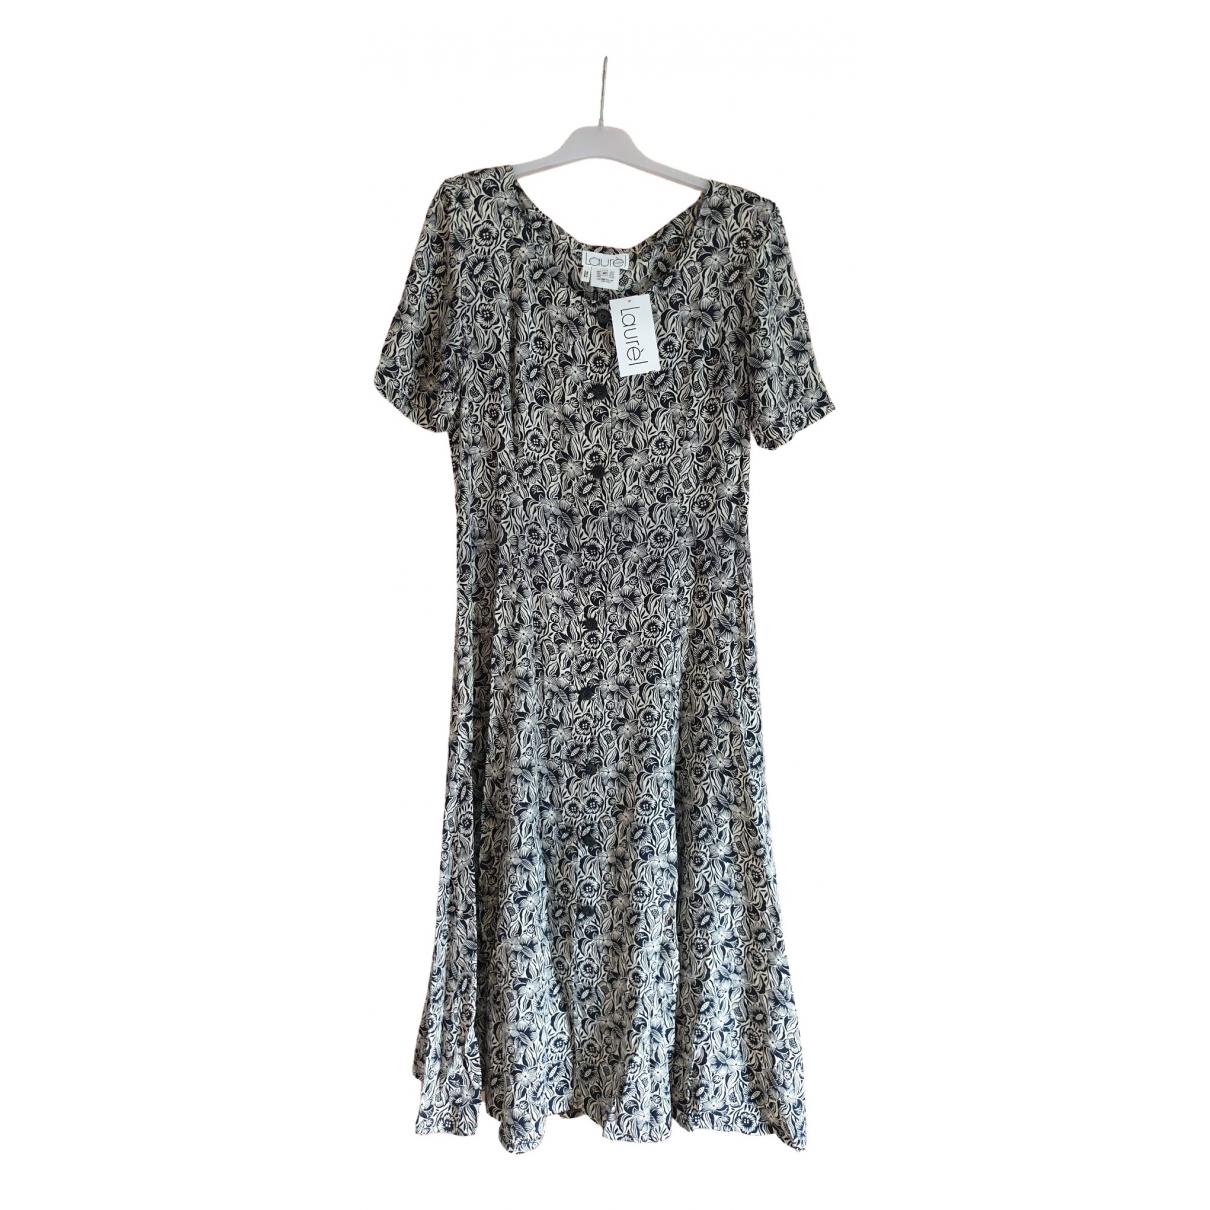 Laurel \N Kleid in  Bunt Seide